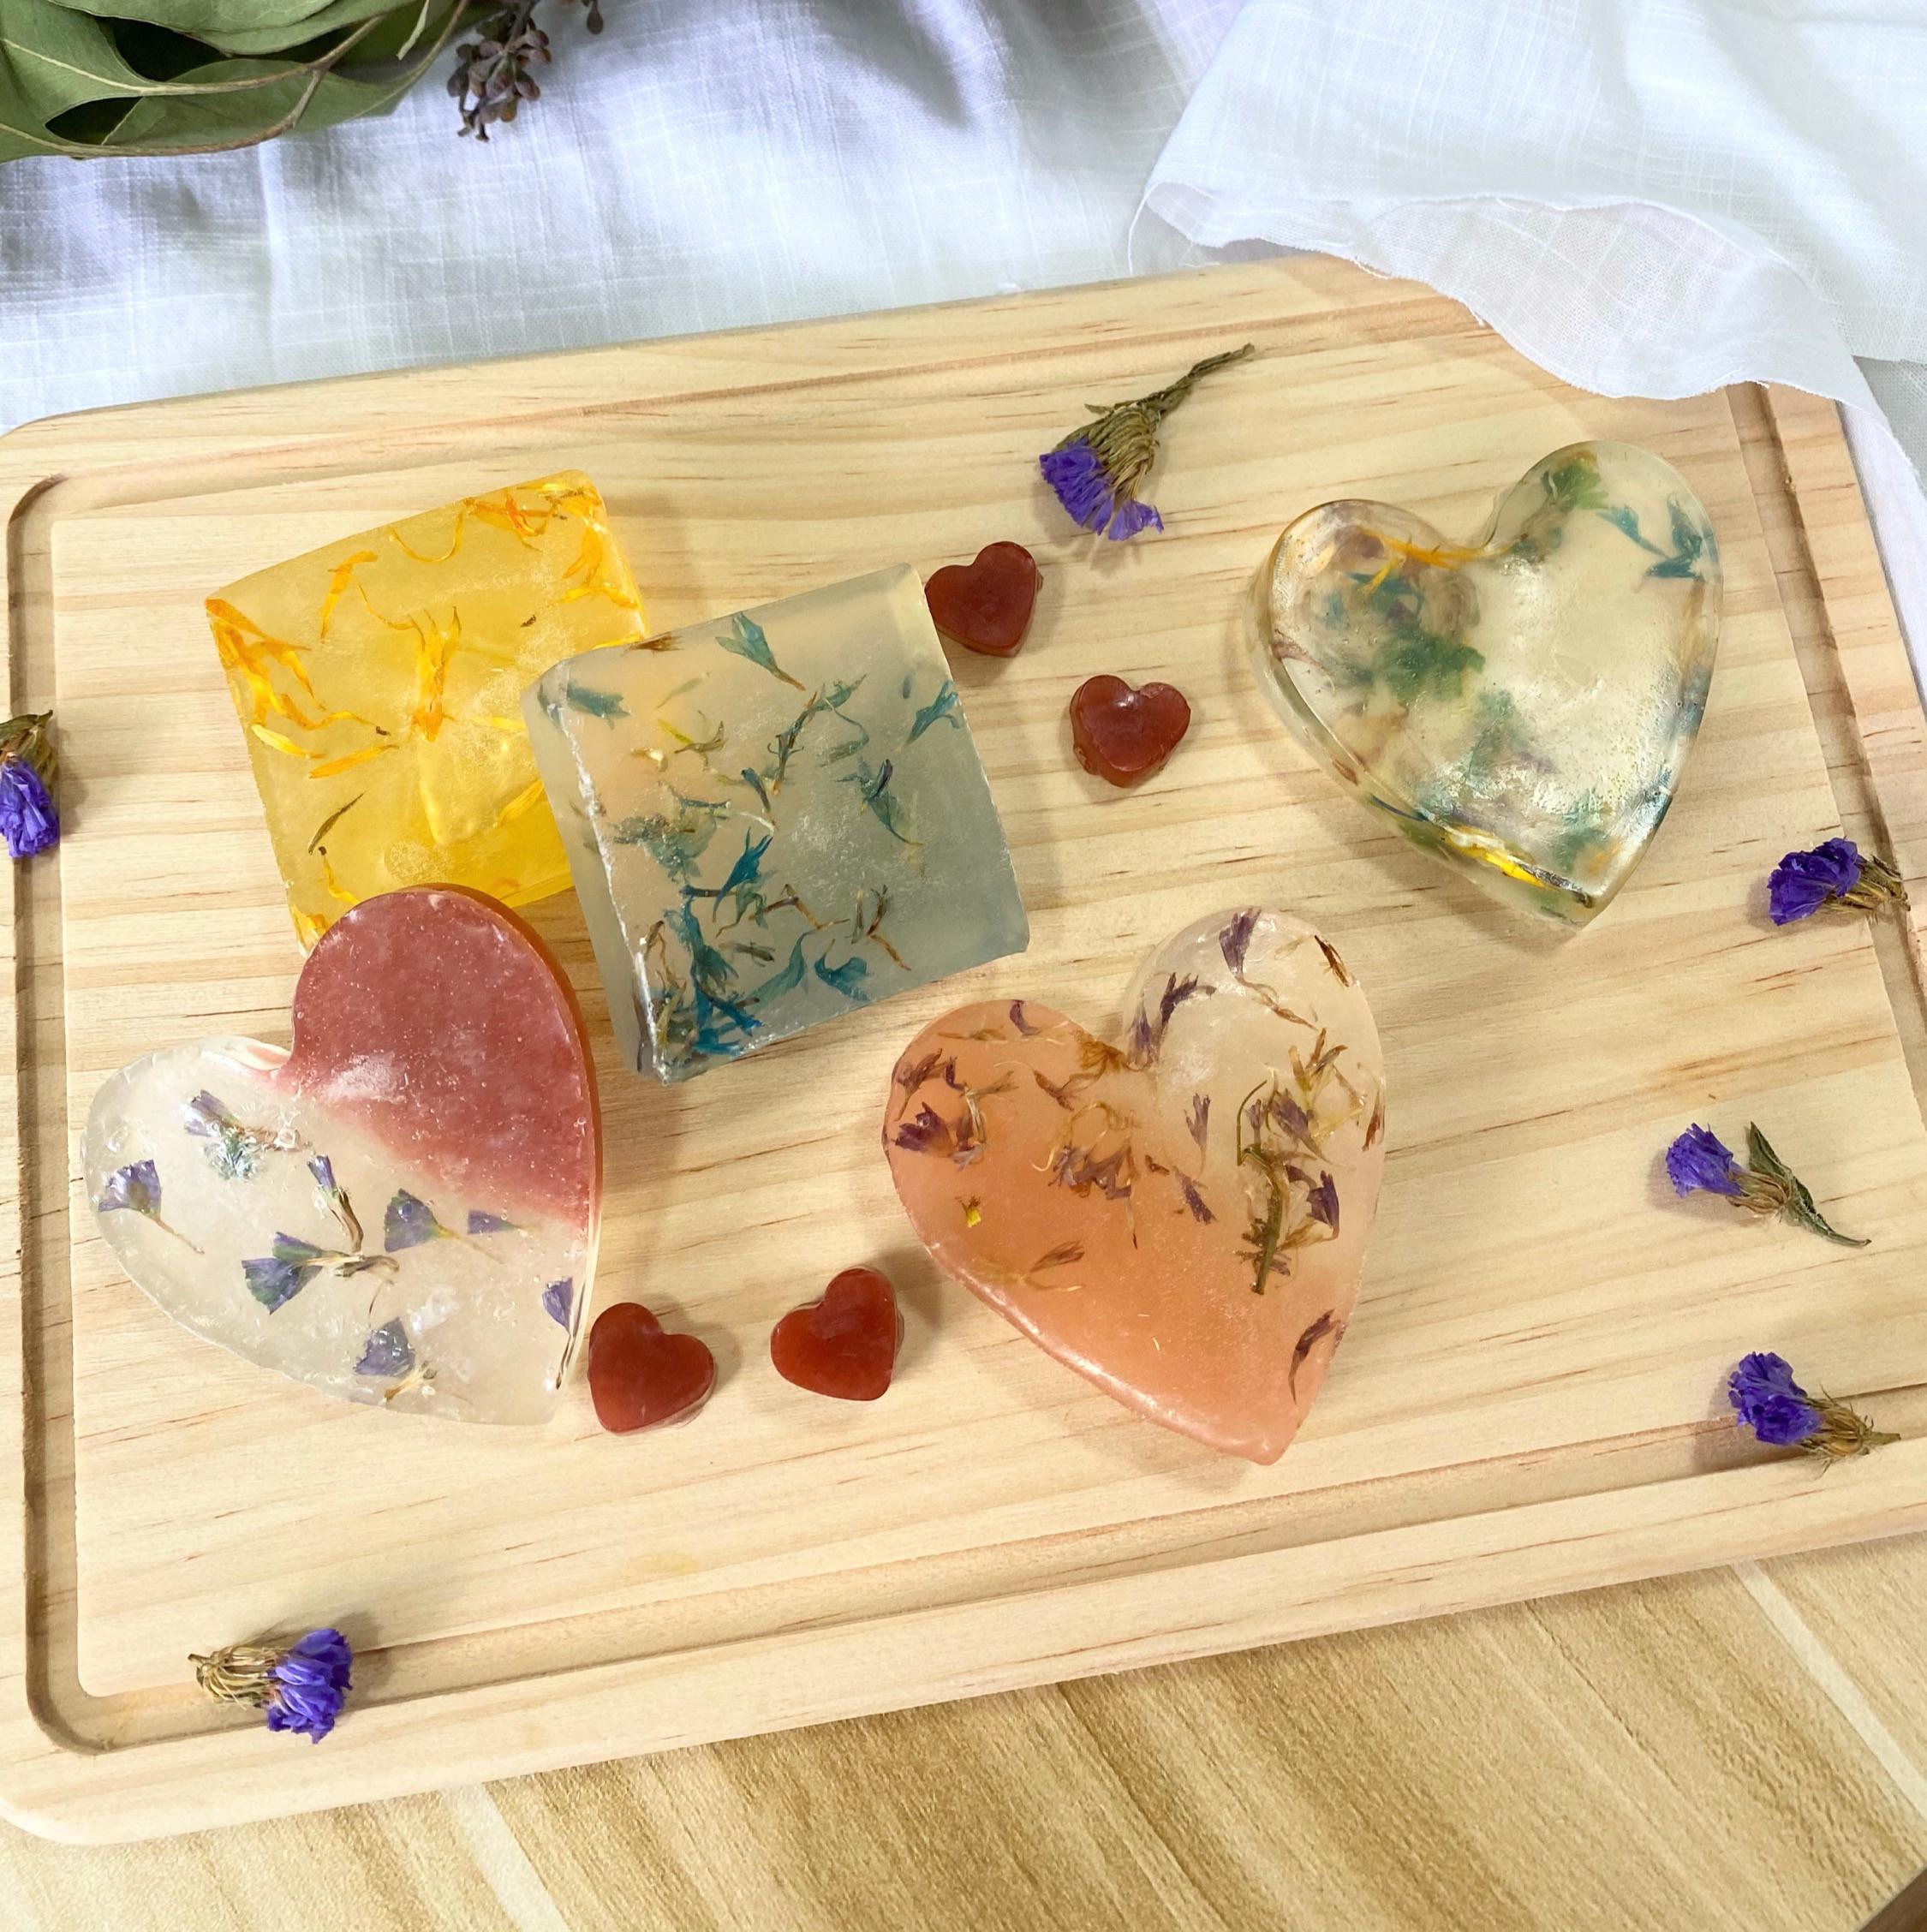 Melt & Pour Soap Workshop